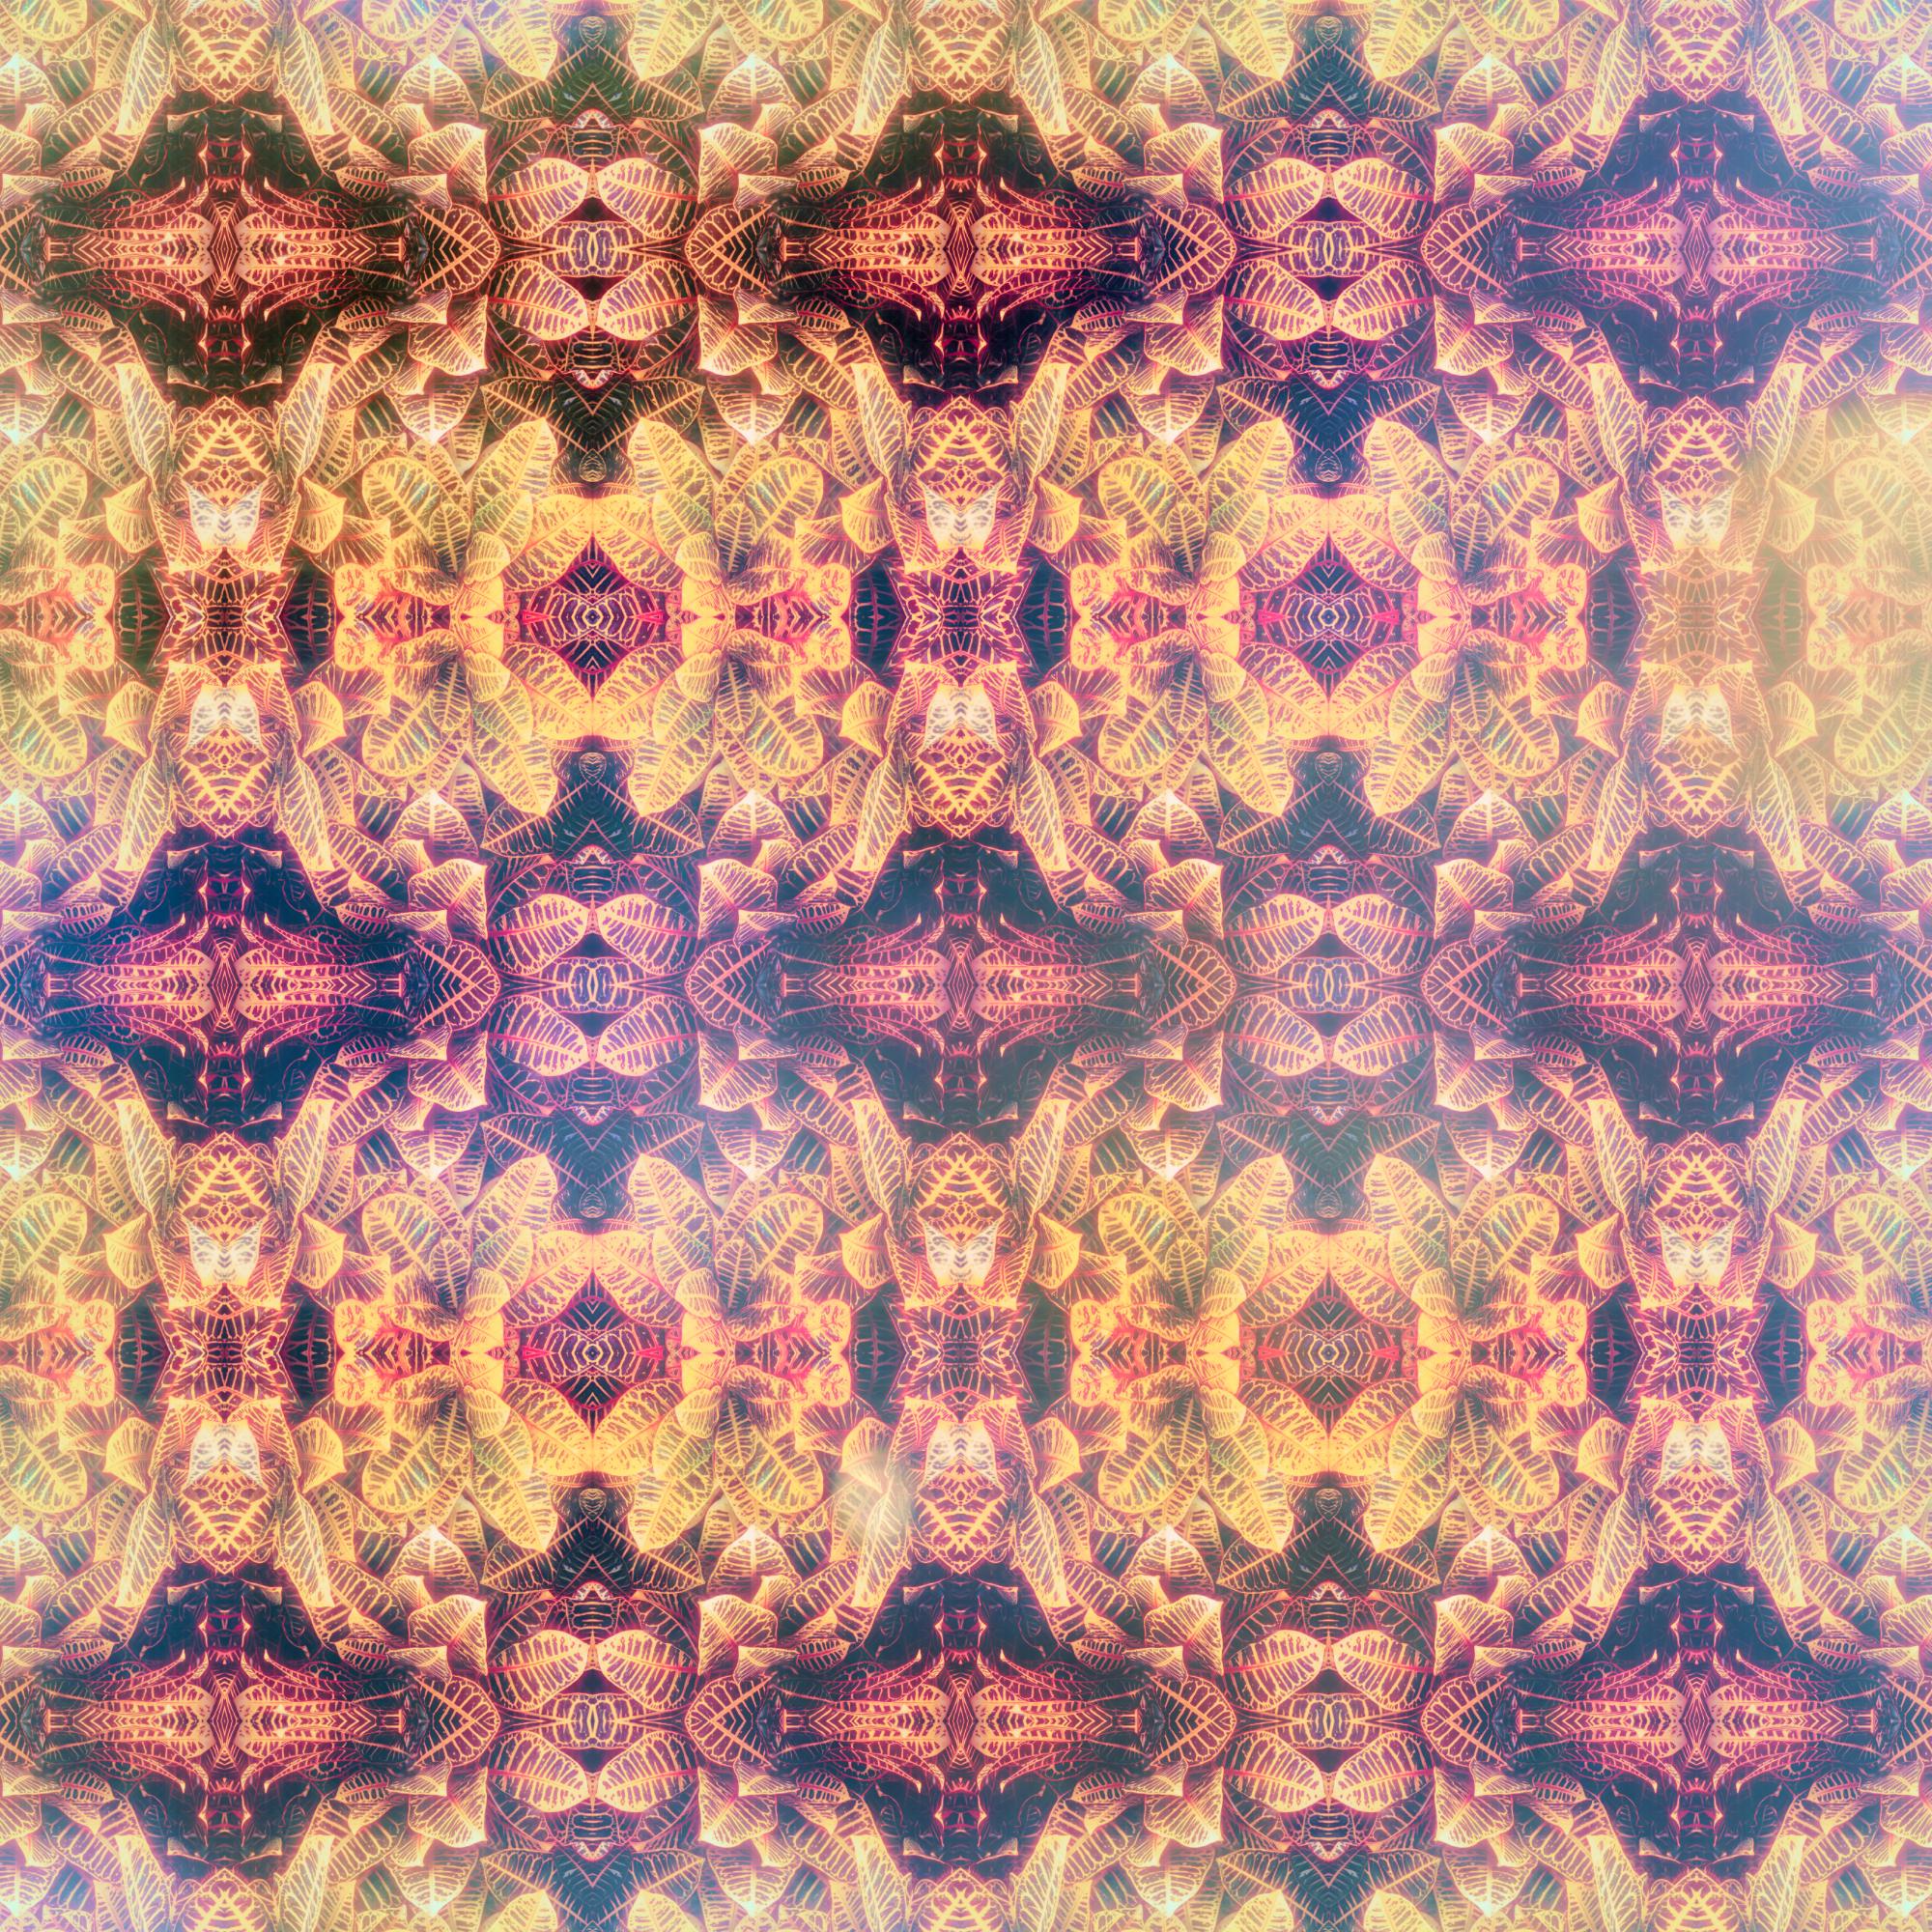 エレガントなリーフパターン&貴族スタイル壁紙:幻想